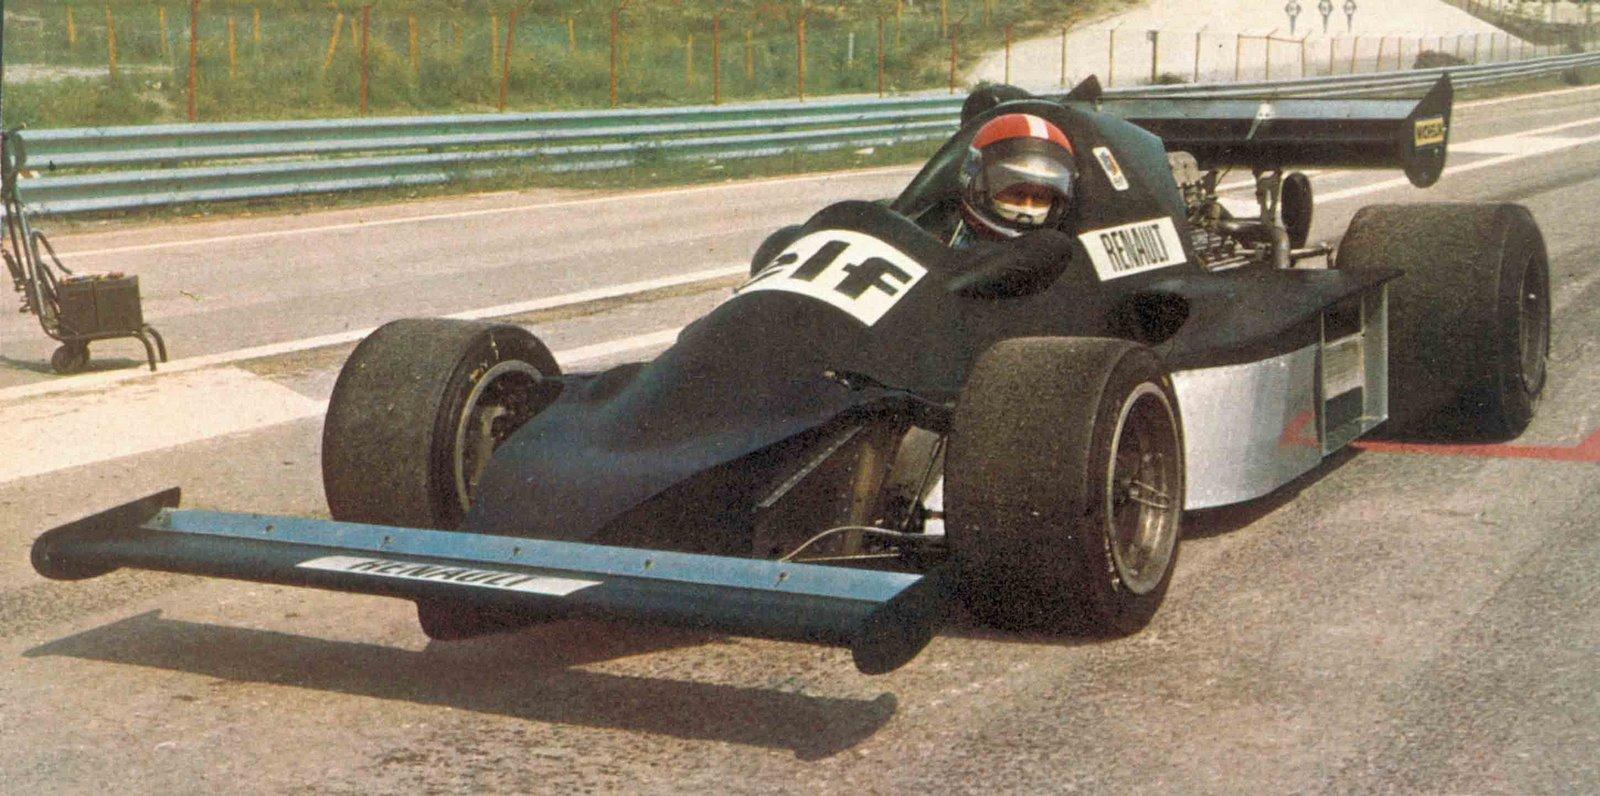 alpine-a500-f1-soymotor.jpg